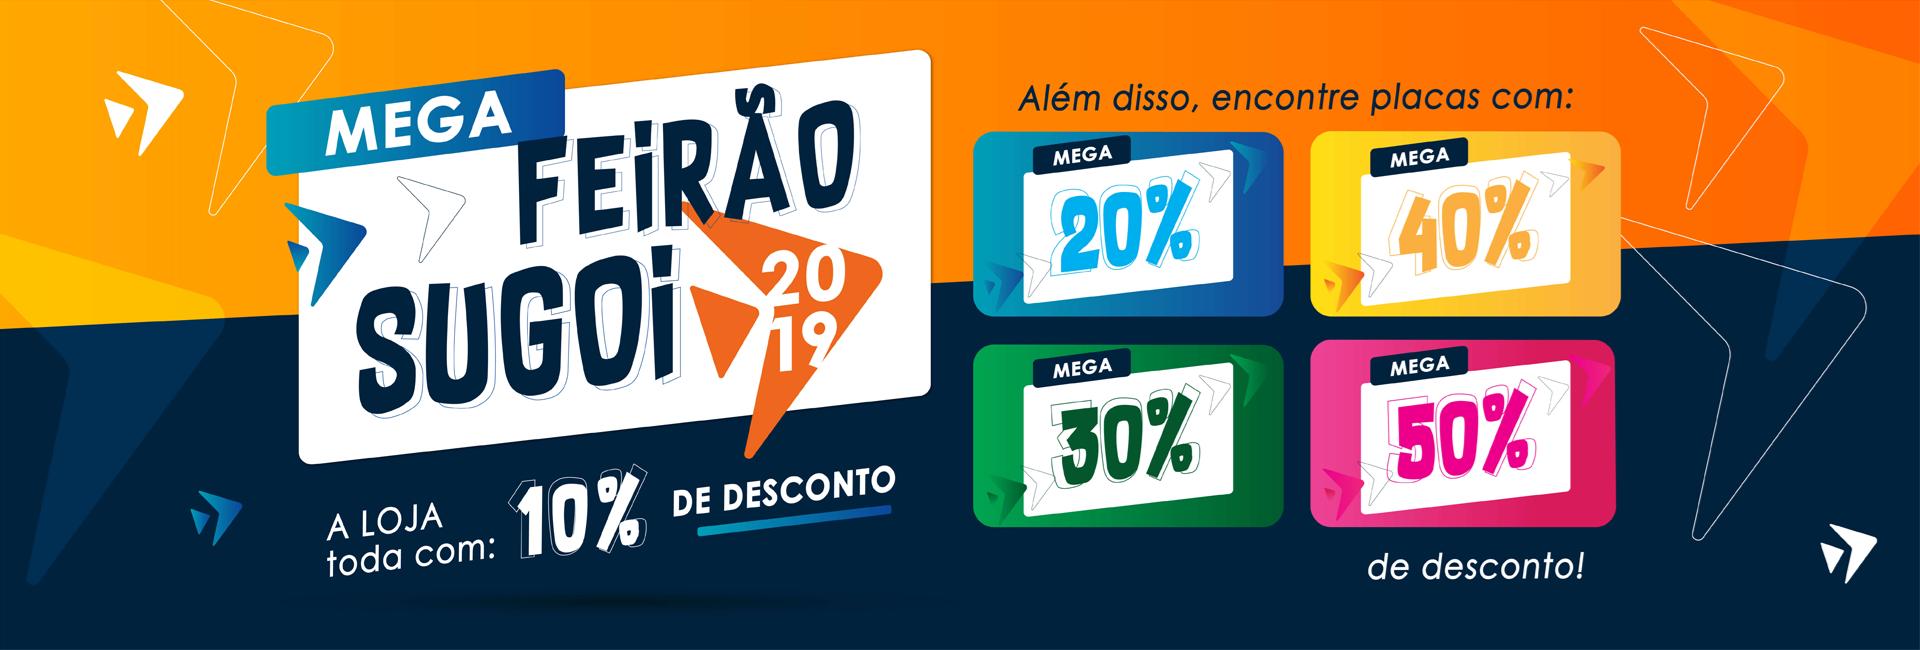 Mega Feirão SUGOI 2019 Última Chamada